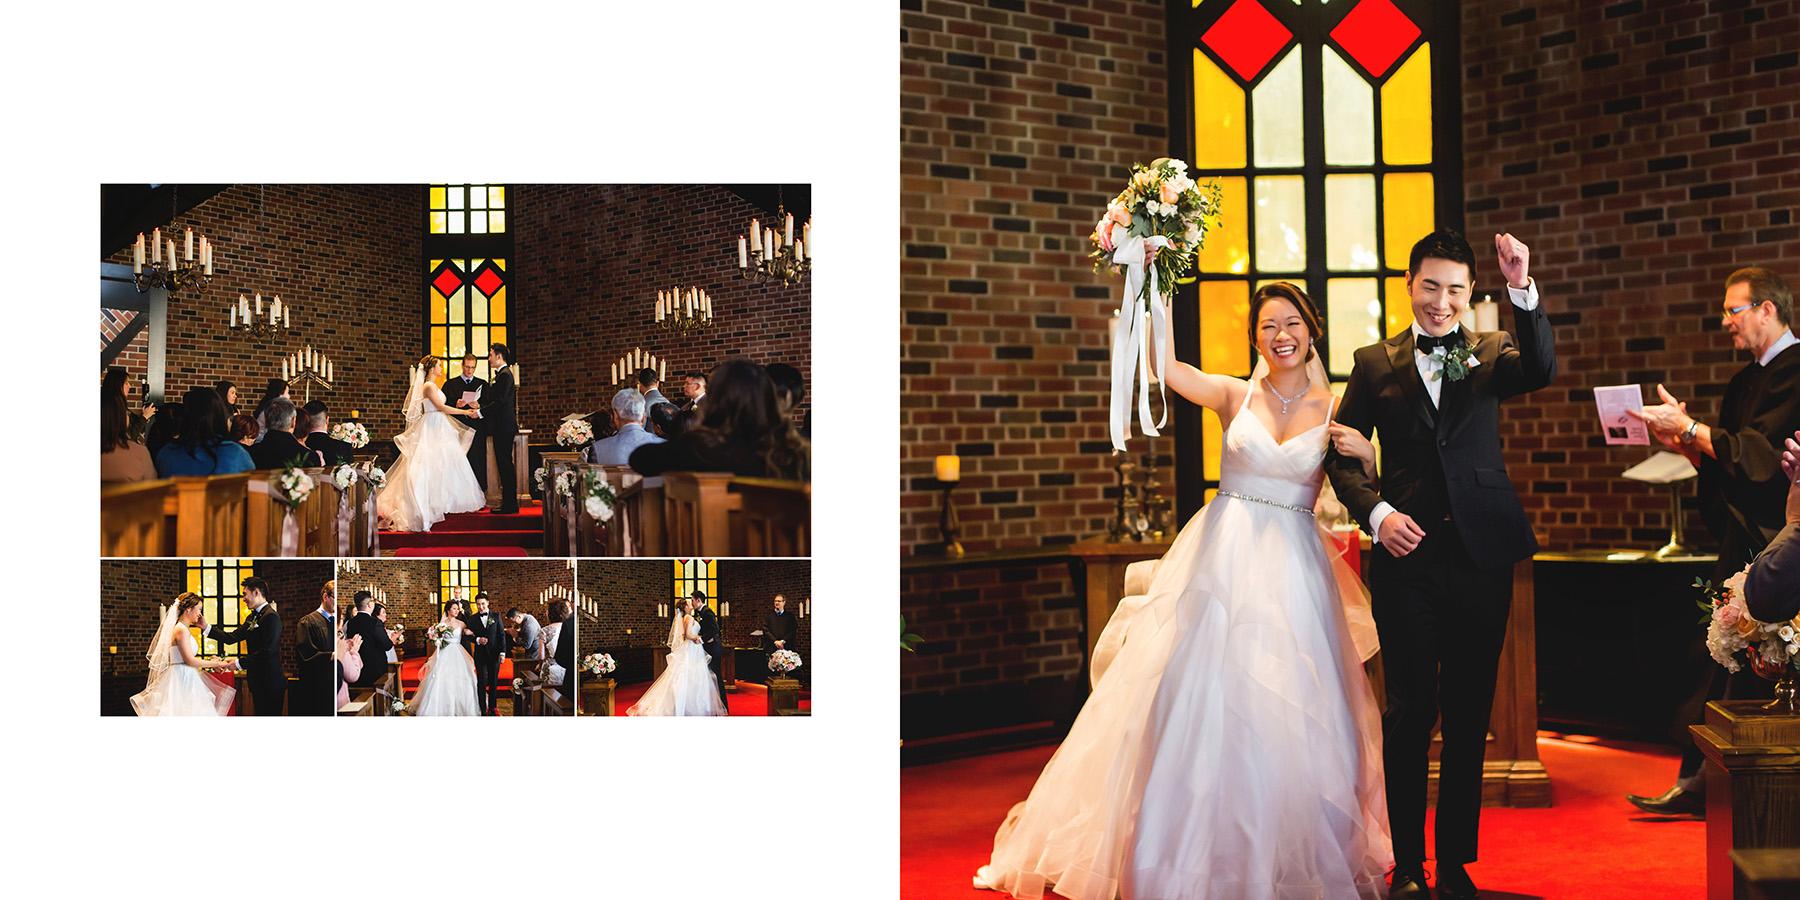 Tiffany_+_Matthew_-_Wedding_Album_10.jpg